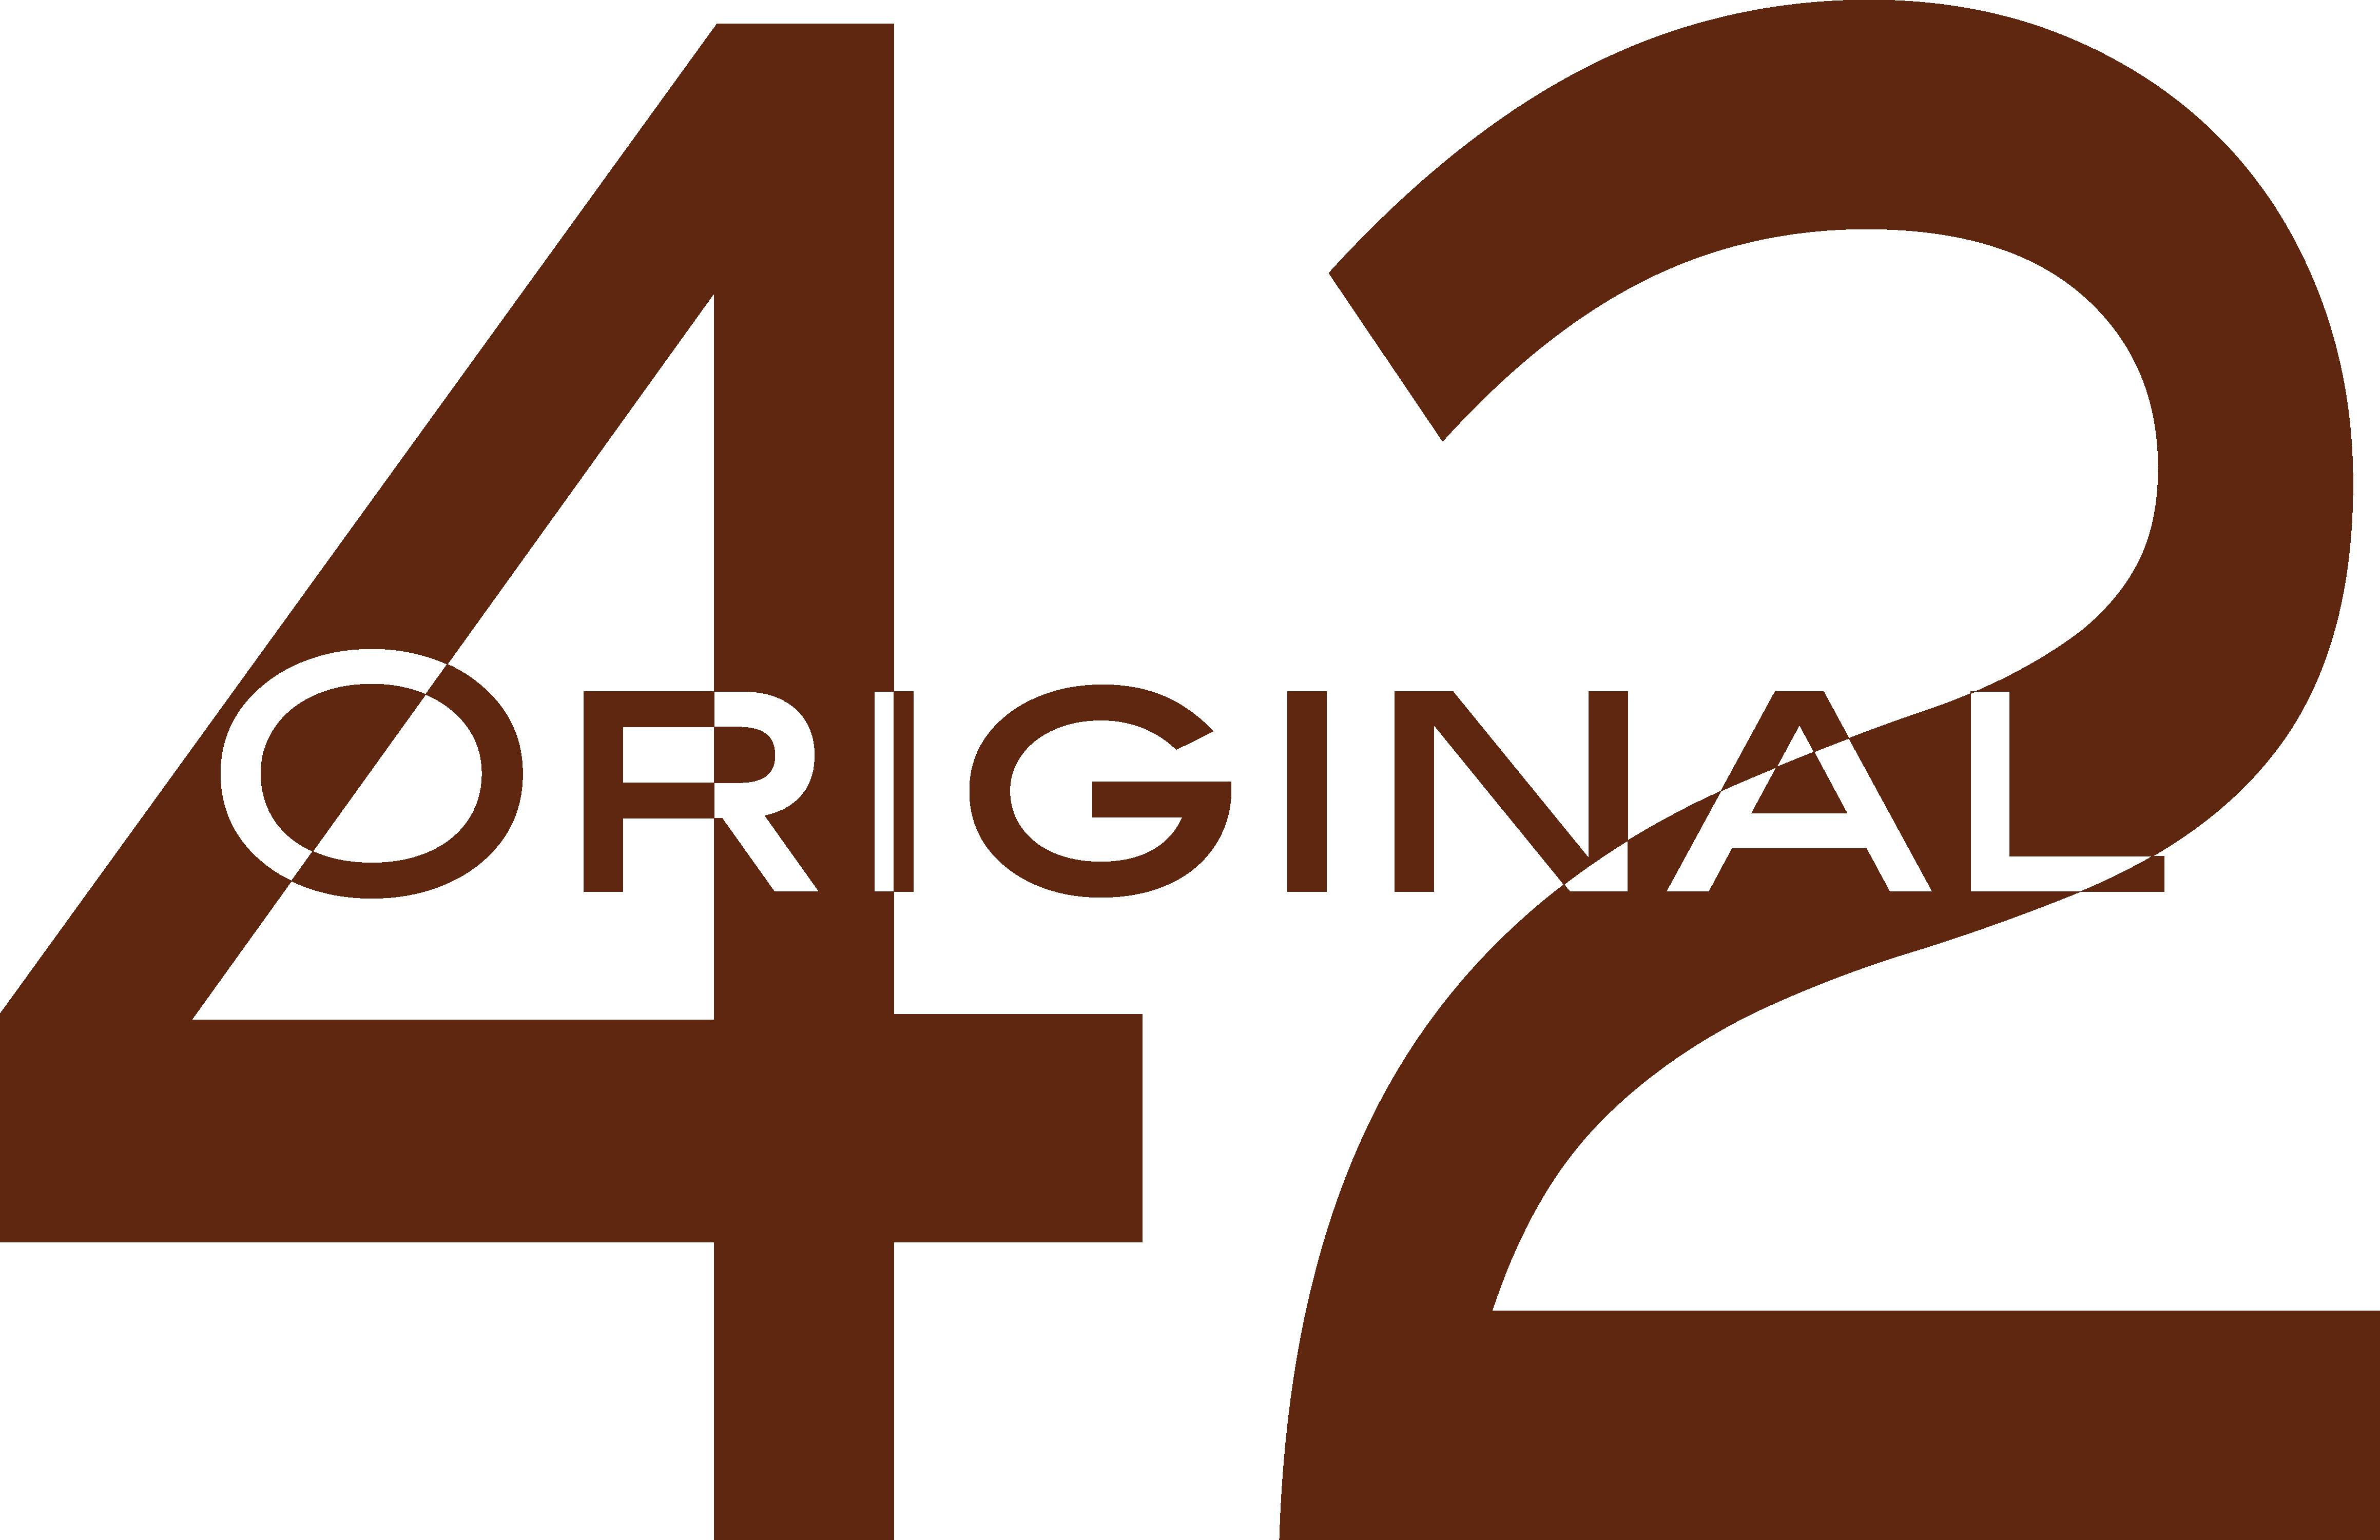 ORIGINAL 42